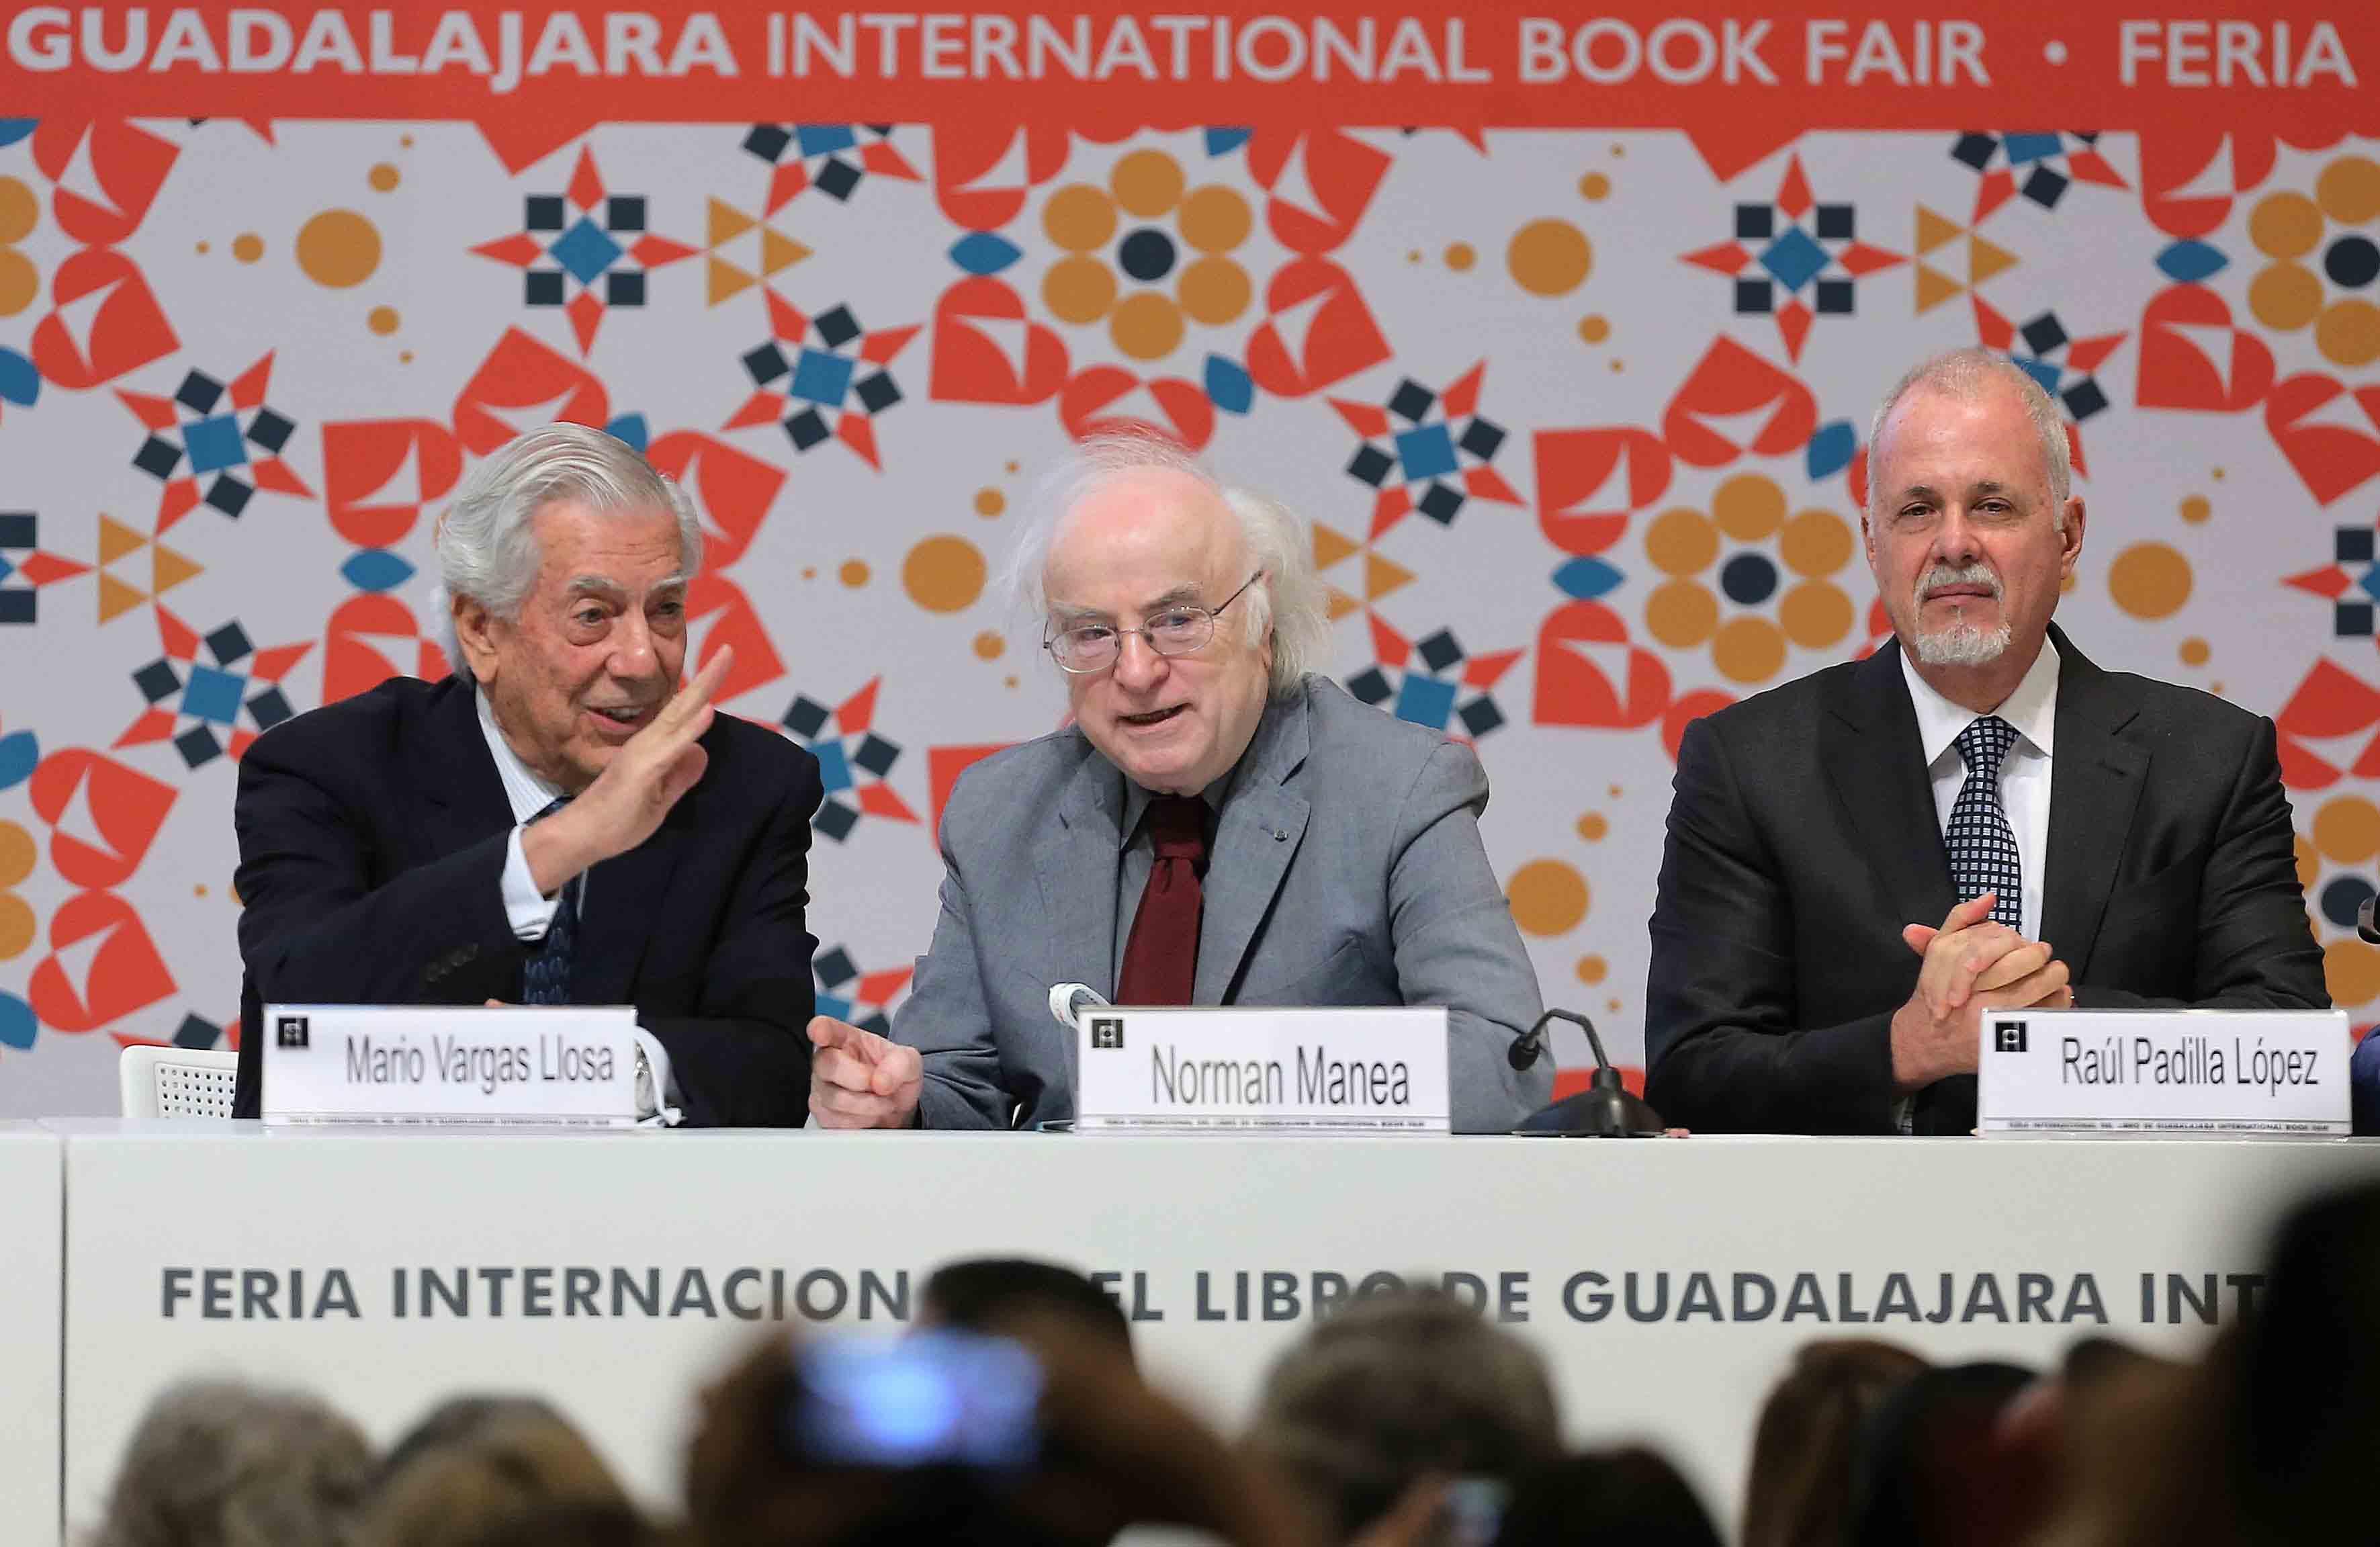 A la izquierda Mario Vargas Llosa, saludando con la mano a lo lejos a otra persona, al centro Norman Manea y a la derecha el Lic. Raúl Padilla López.